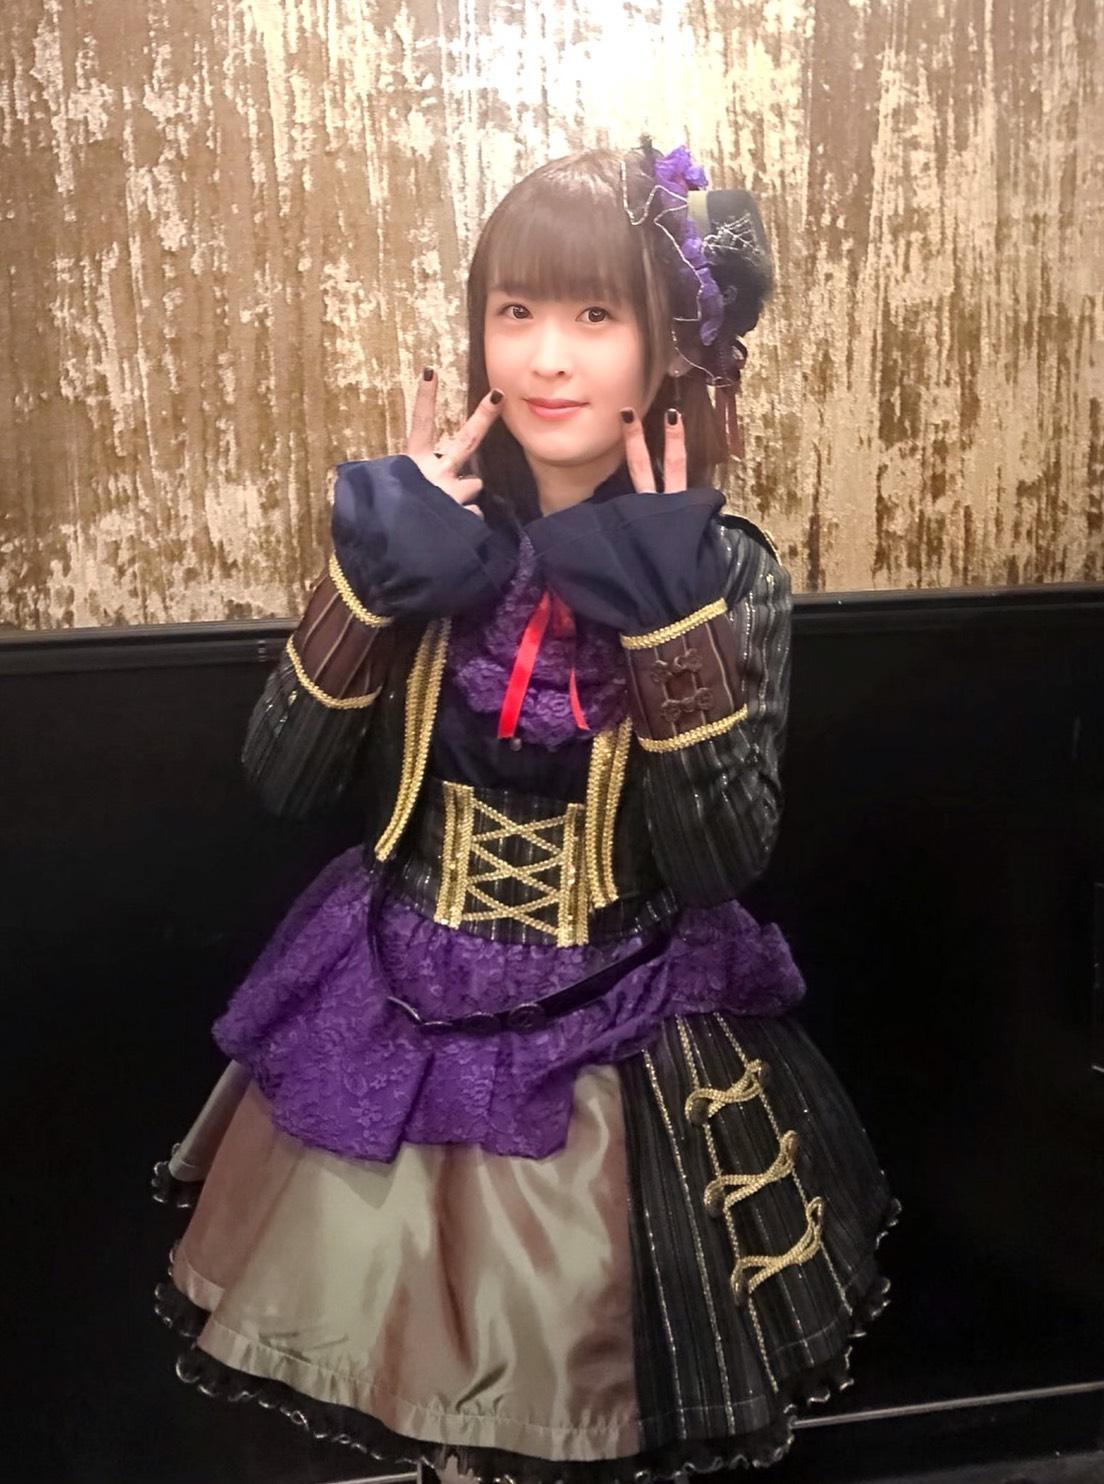 桜咲千依がアイドルマスター シンデレラガールズ『プロデューサーさん感謝祭』に出演致しました